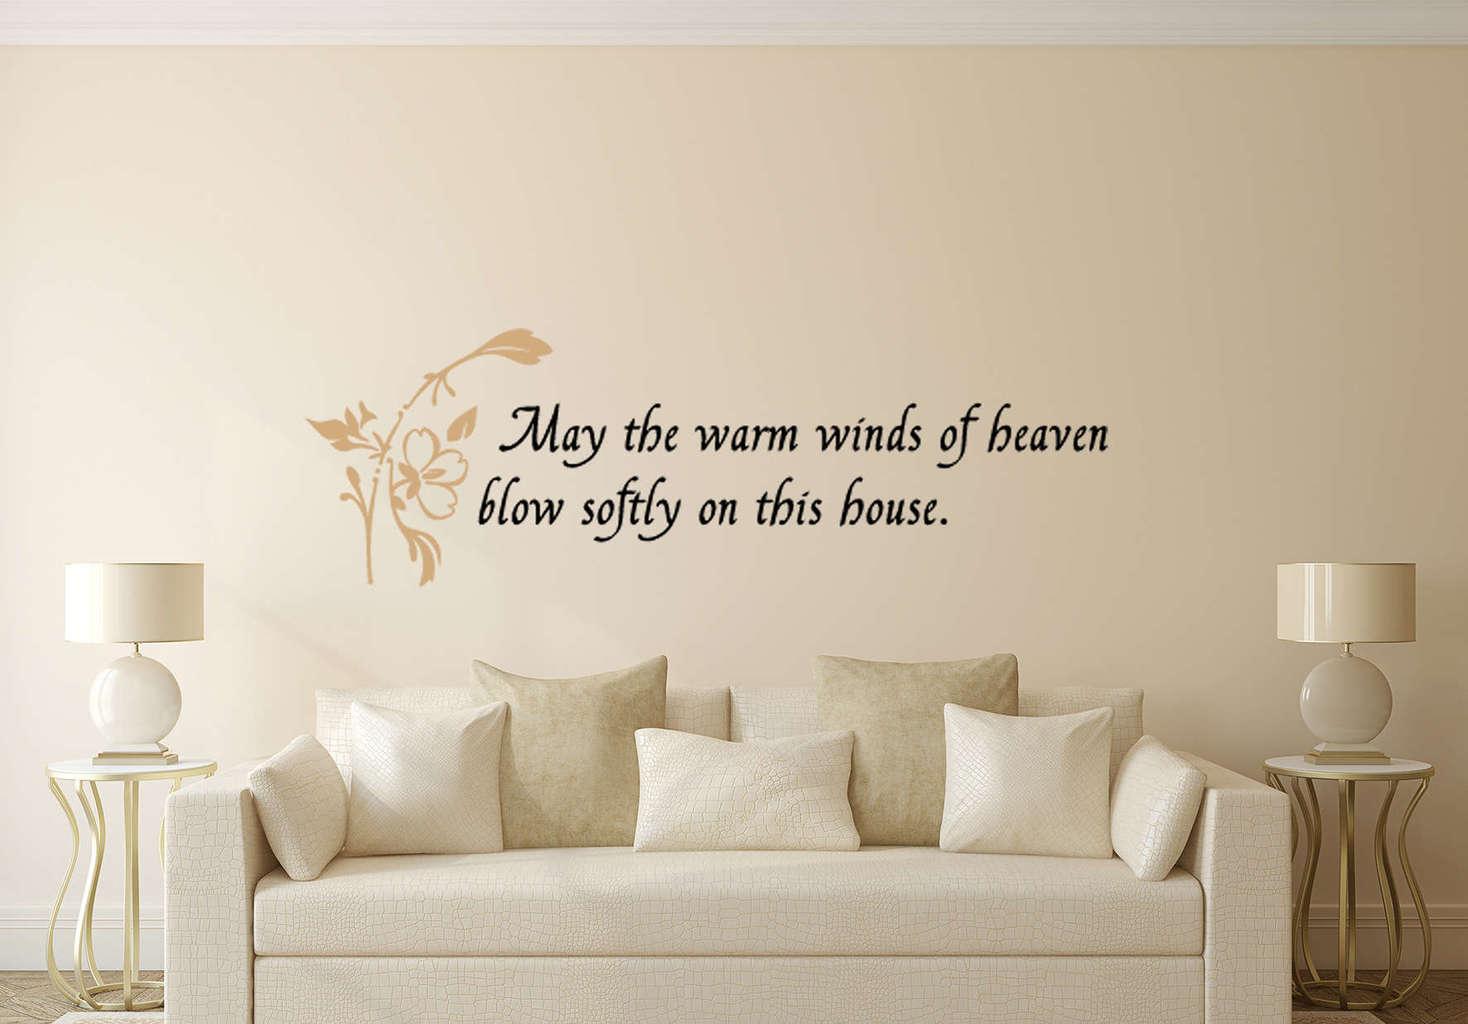 warm-winds-of-heaven